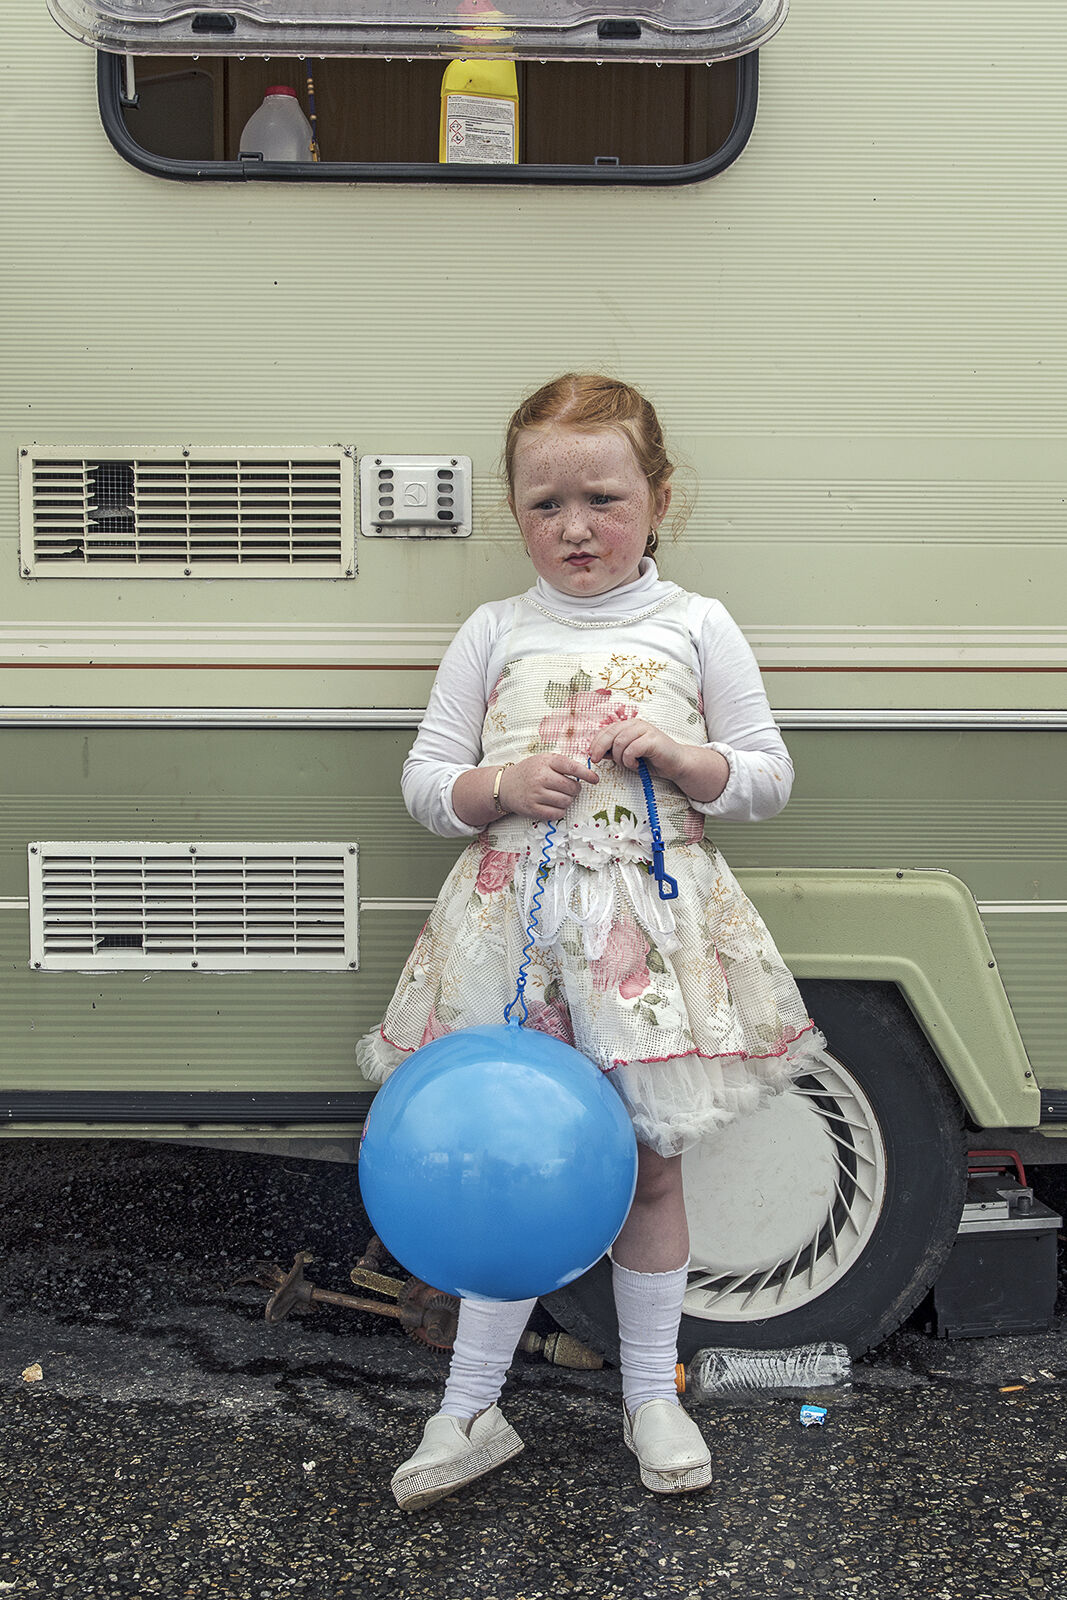 Blue Balloon, Borris Fair, Carlow, Ireland 2019